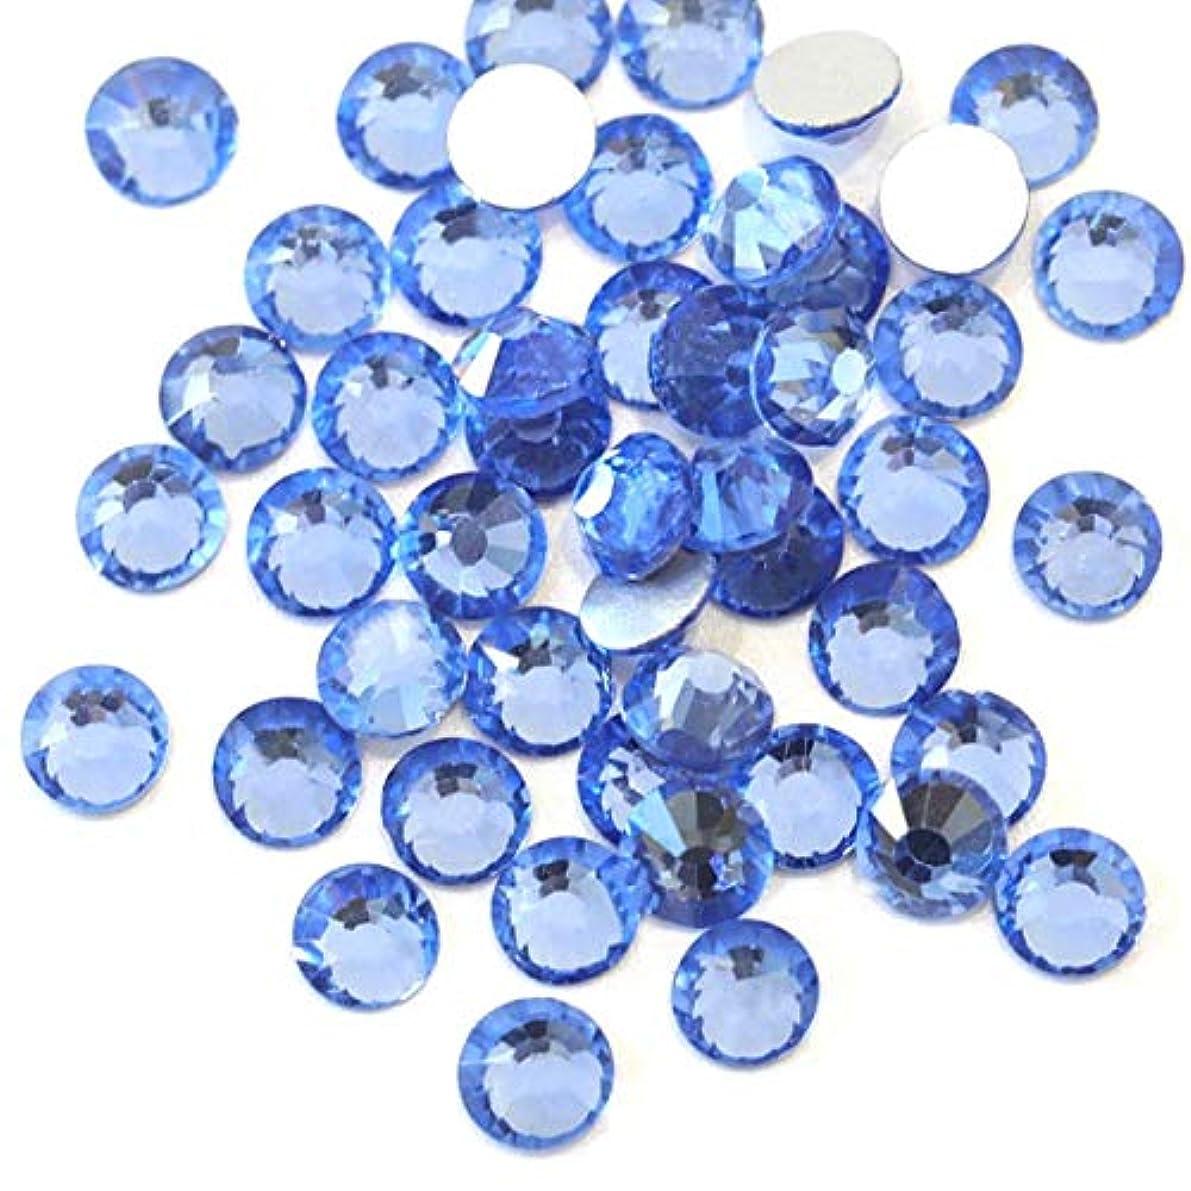 ネクタイオピエートアヒル【ラインストーン77】高品質ガラス製ラインストーン ライトサファイア(1.5mm (SS4) 約200粒)